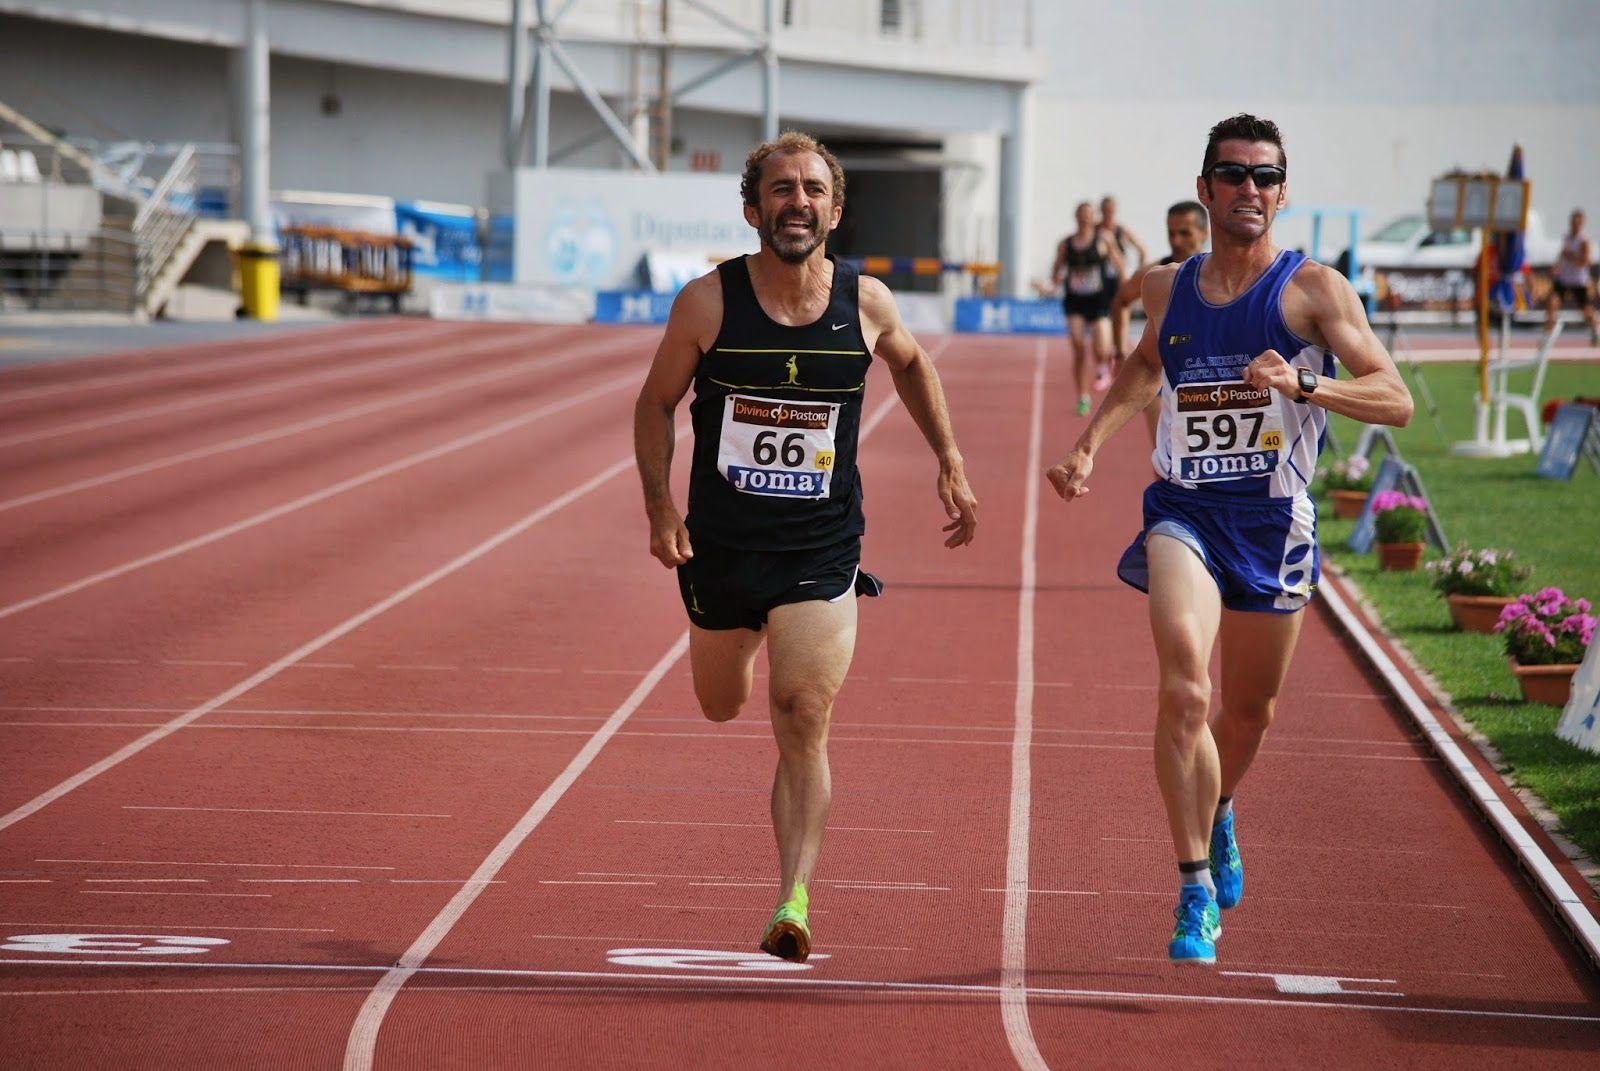 Atletismo Y Algo Más 11336 Atletismo Campeonato De España De Atletas Atletismo Atleta Fotografia